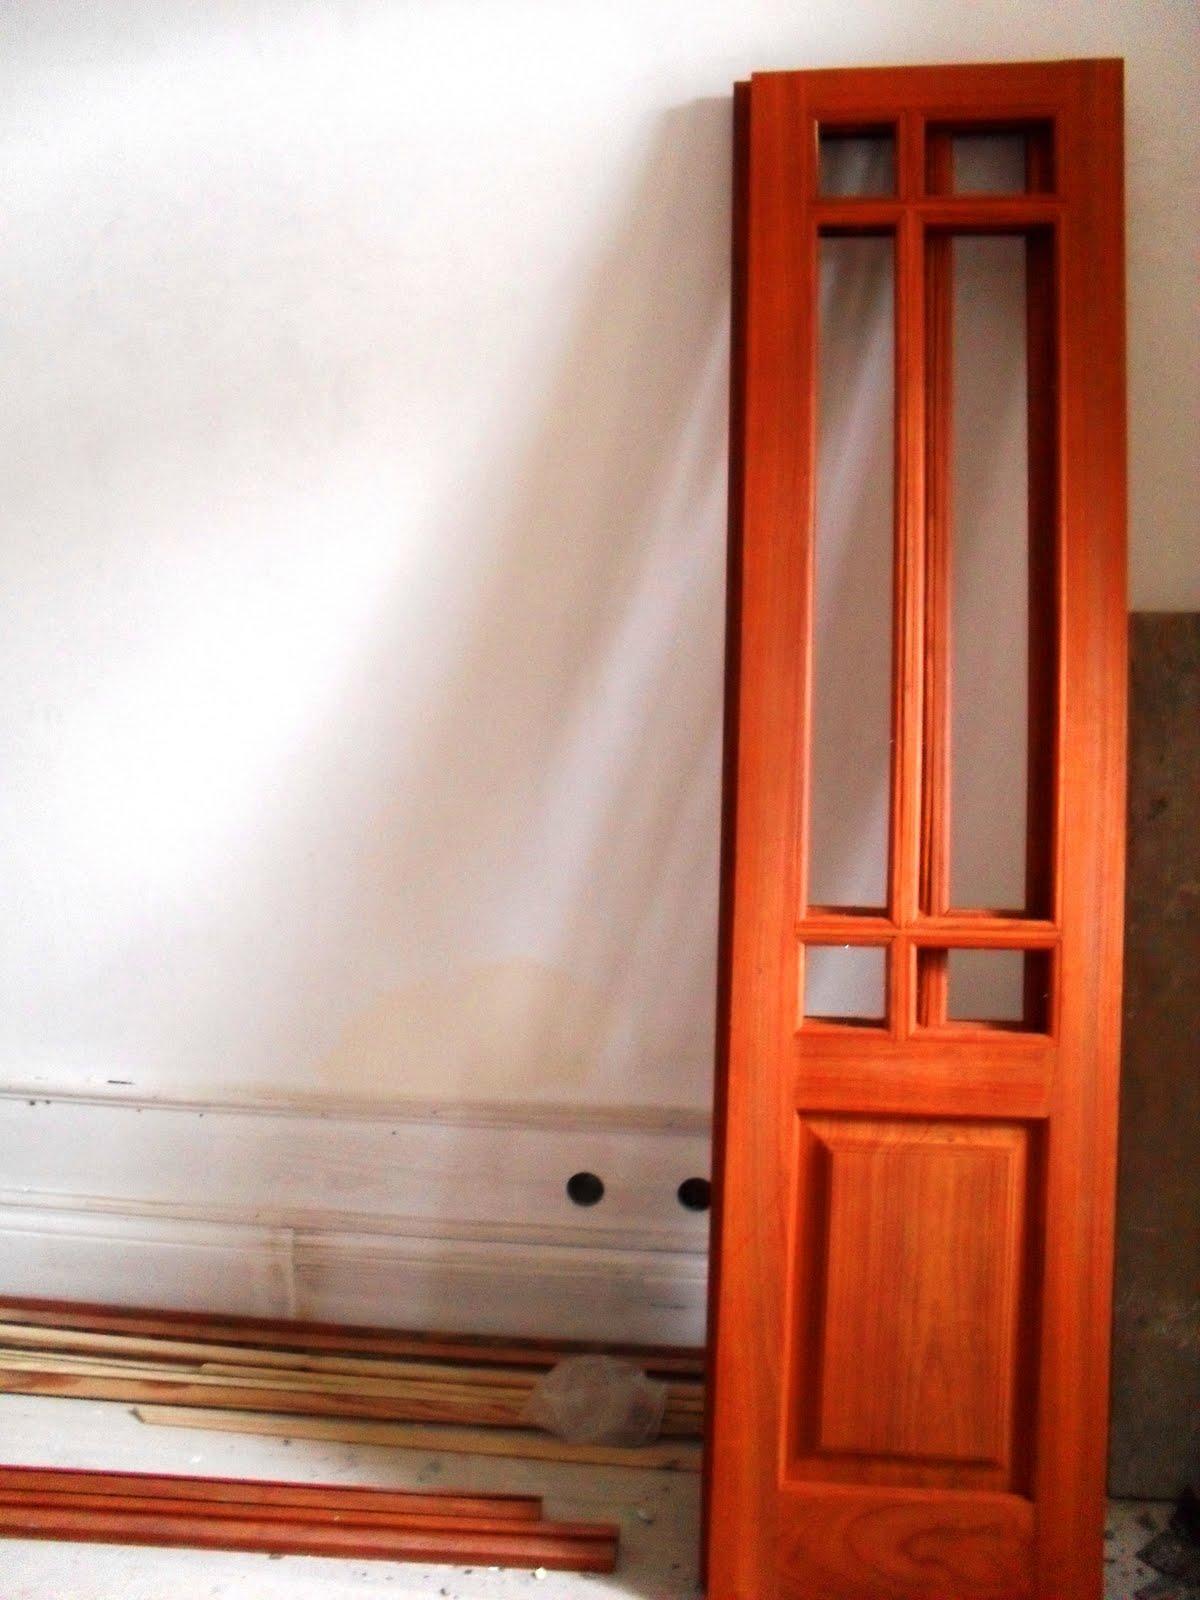 #B84113 Uma Casa na Baixa: Quase no sítio 1454 Substituir Vidros Janelas